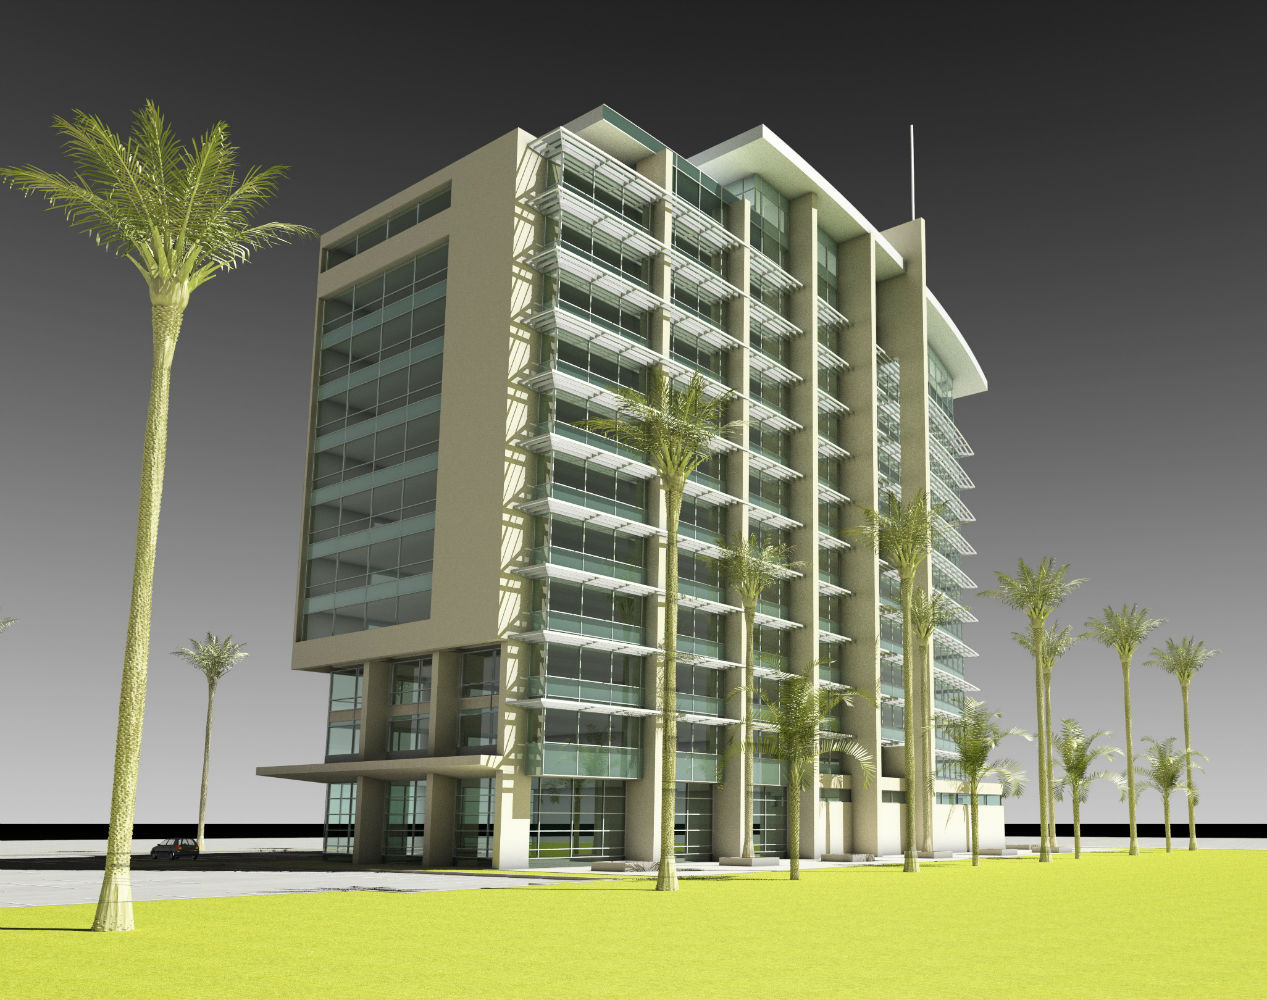 Linea architecture sarl mehri for T architecture sarl